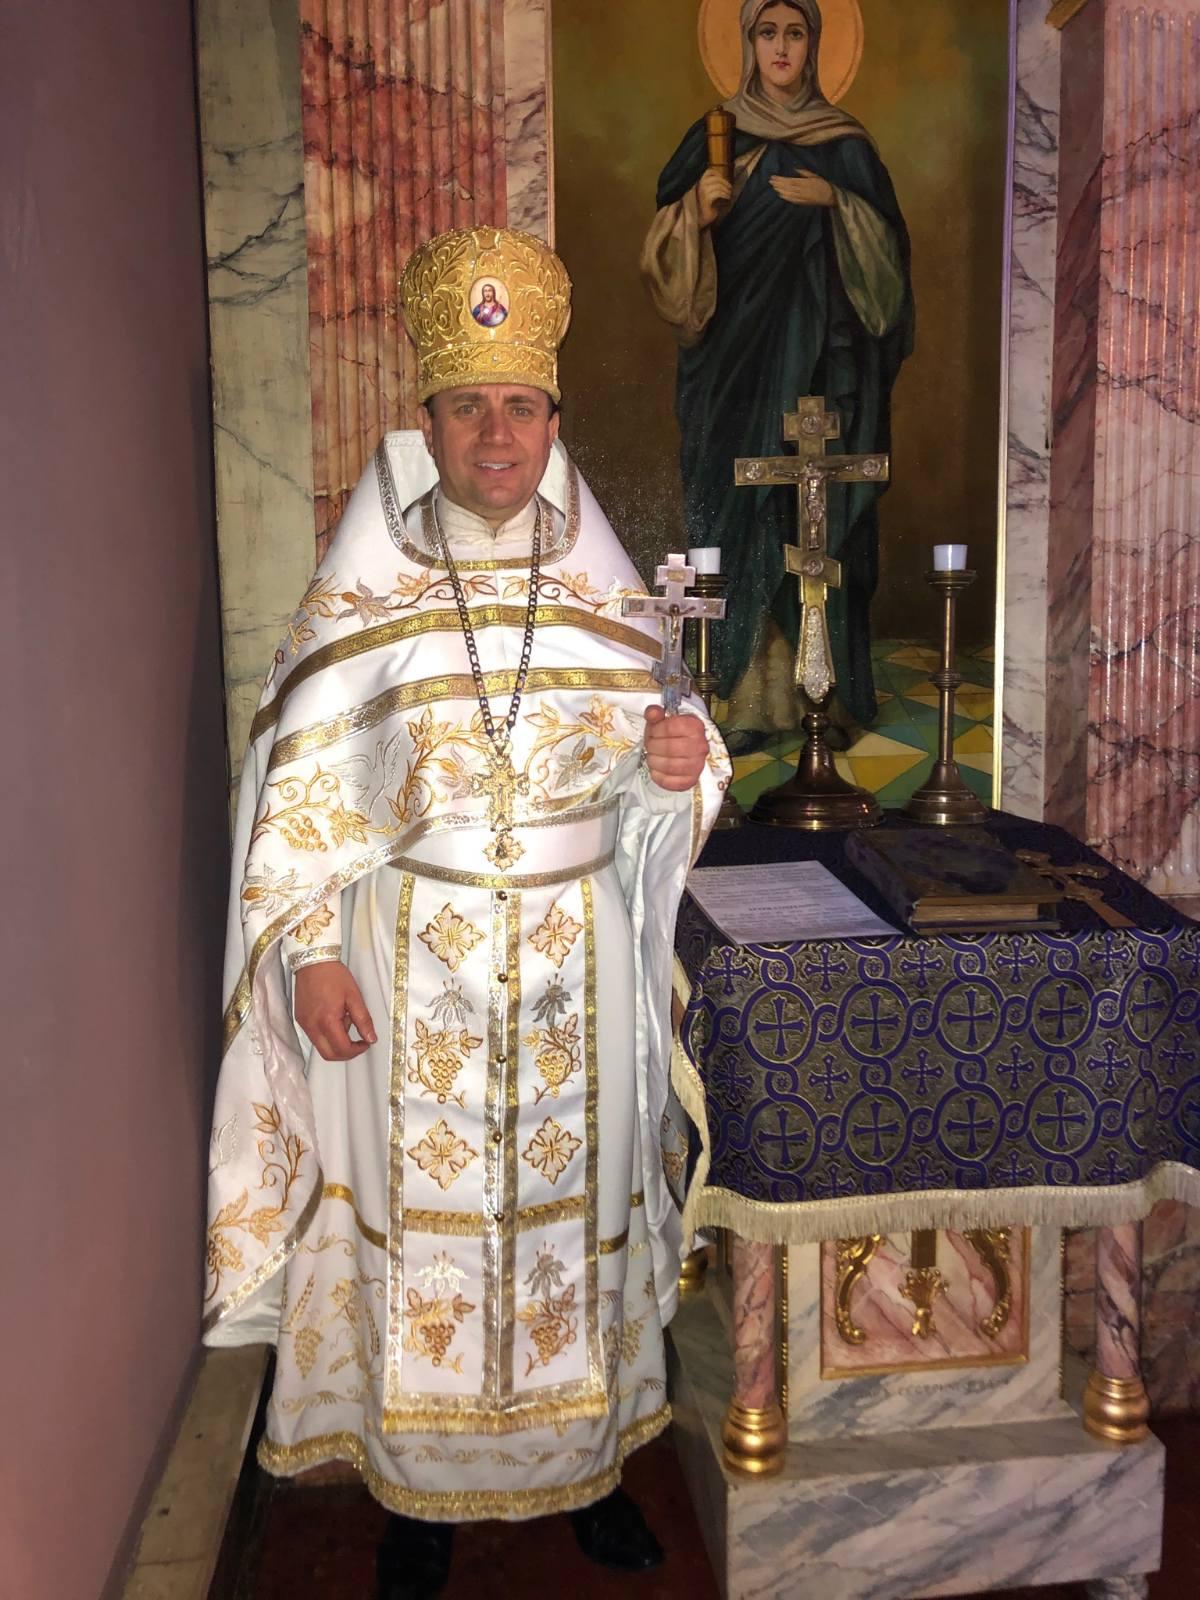 Настоятель ставропігійної парафії у м.Філадельфія (США) протоієрей Богдан Згоба пожертвував книги до бібліотеки ВПБА